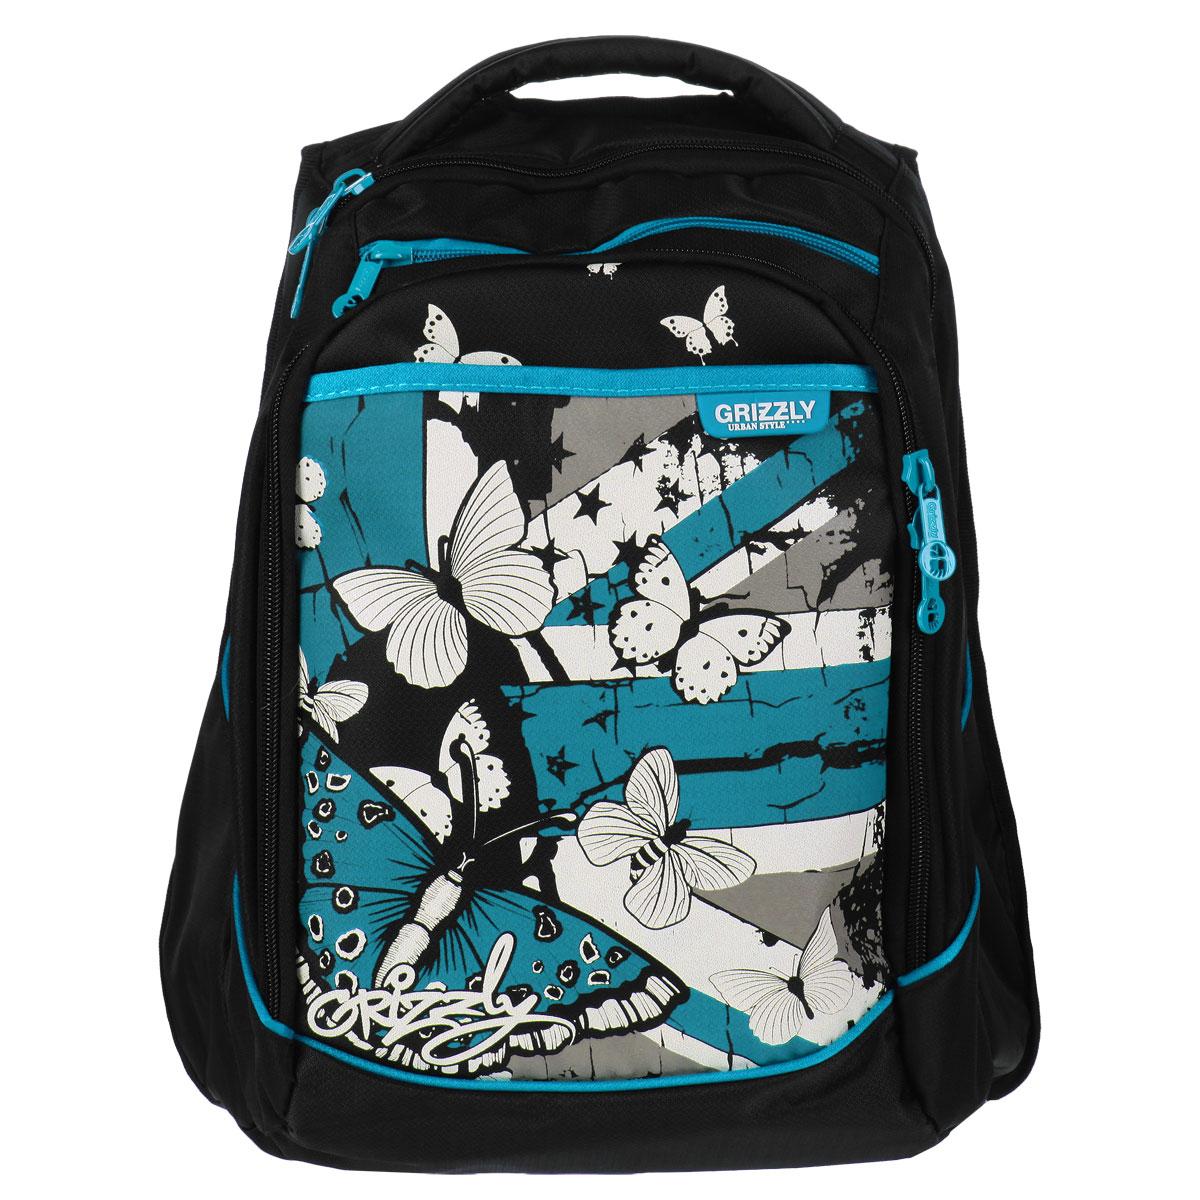 Рюкзак детский Grizzly, цвет: черный, бирюзовый. RD-526-172523WDРюкзак с двумя отделениями, карманом на передней стенке на молнии, дополнительным карманом в переднем отделении, боковыми карманами с сеткой, карманом-пеналом, укрепленными лямками и спинкой